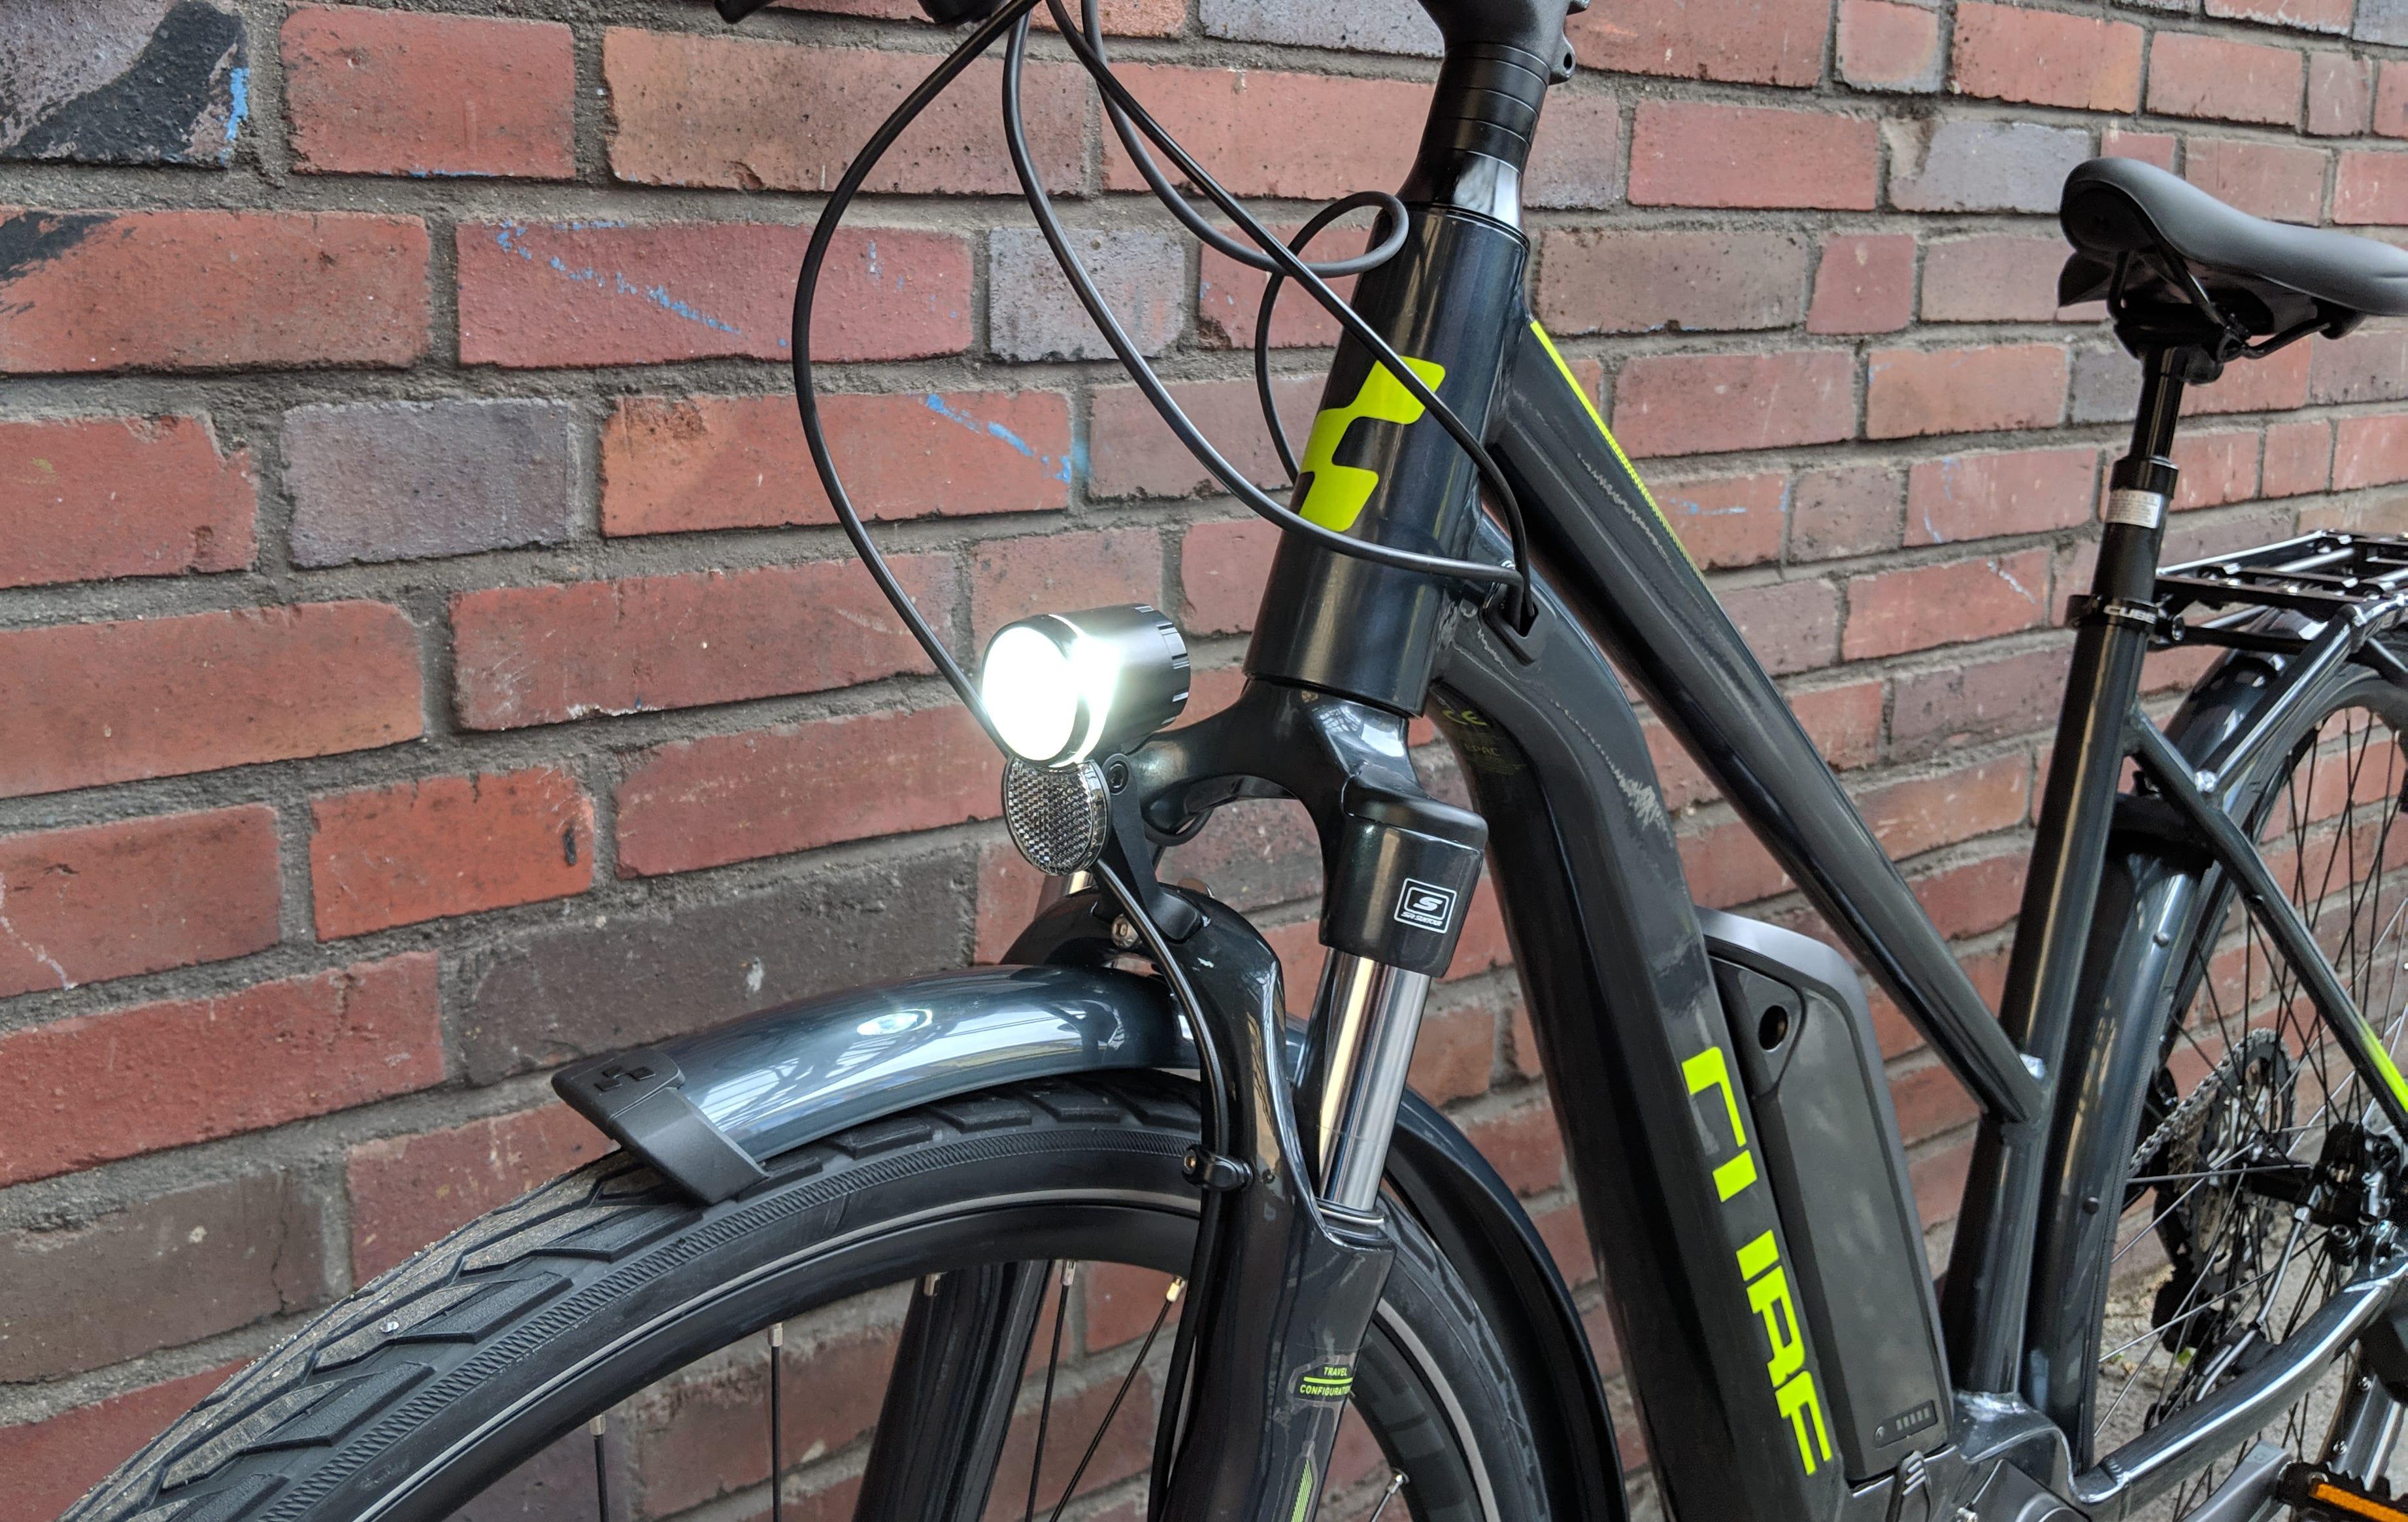 Lucky Bike Testbericht zum Cube Kathmandu Hybrid Pro 500 2019 - Schönes E-Bike bzw. Pedelec von Cube mit starker lichtanlage von Trelock